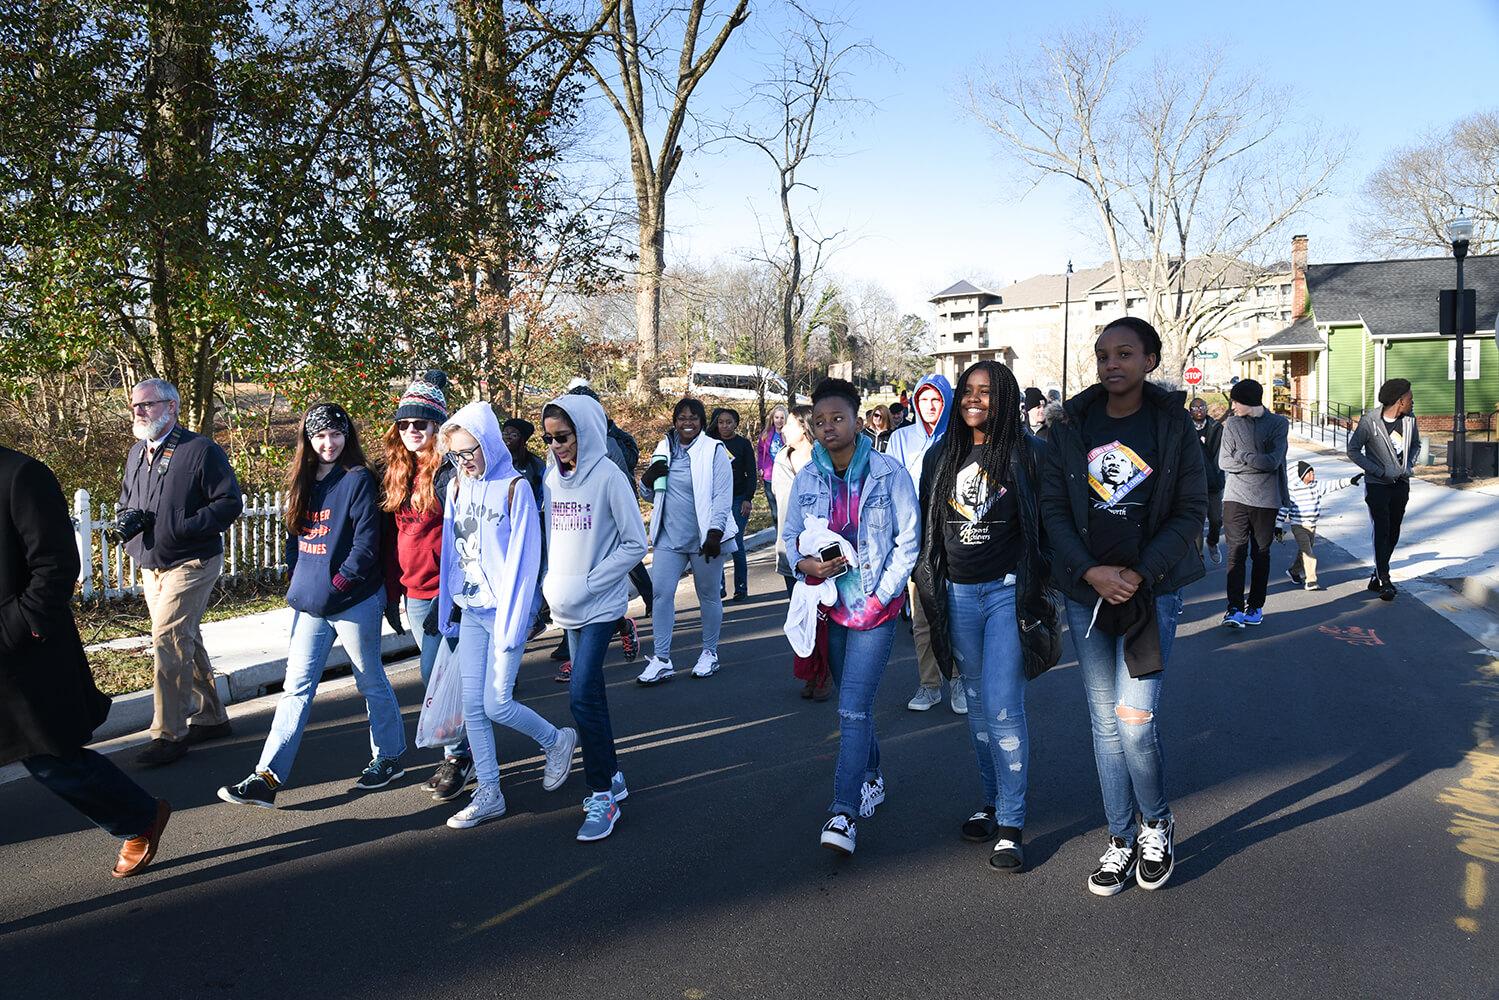 Acworth Celebrates MLK and Unity